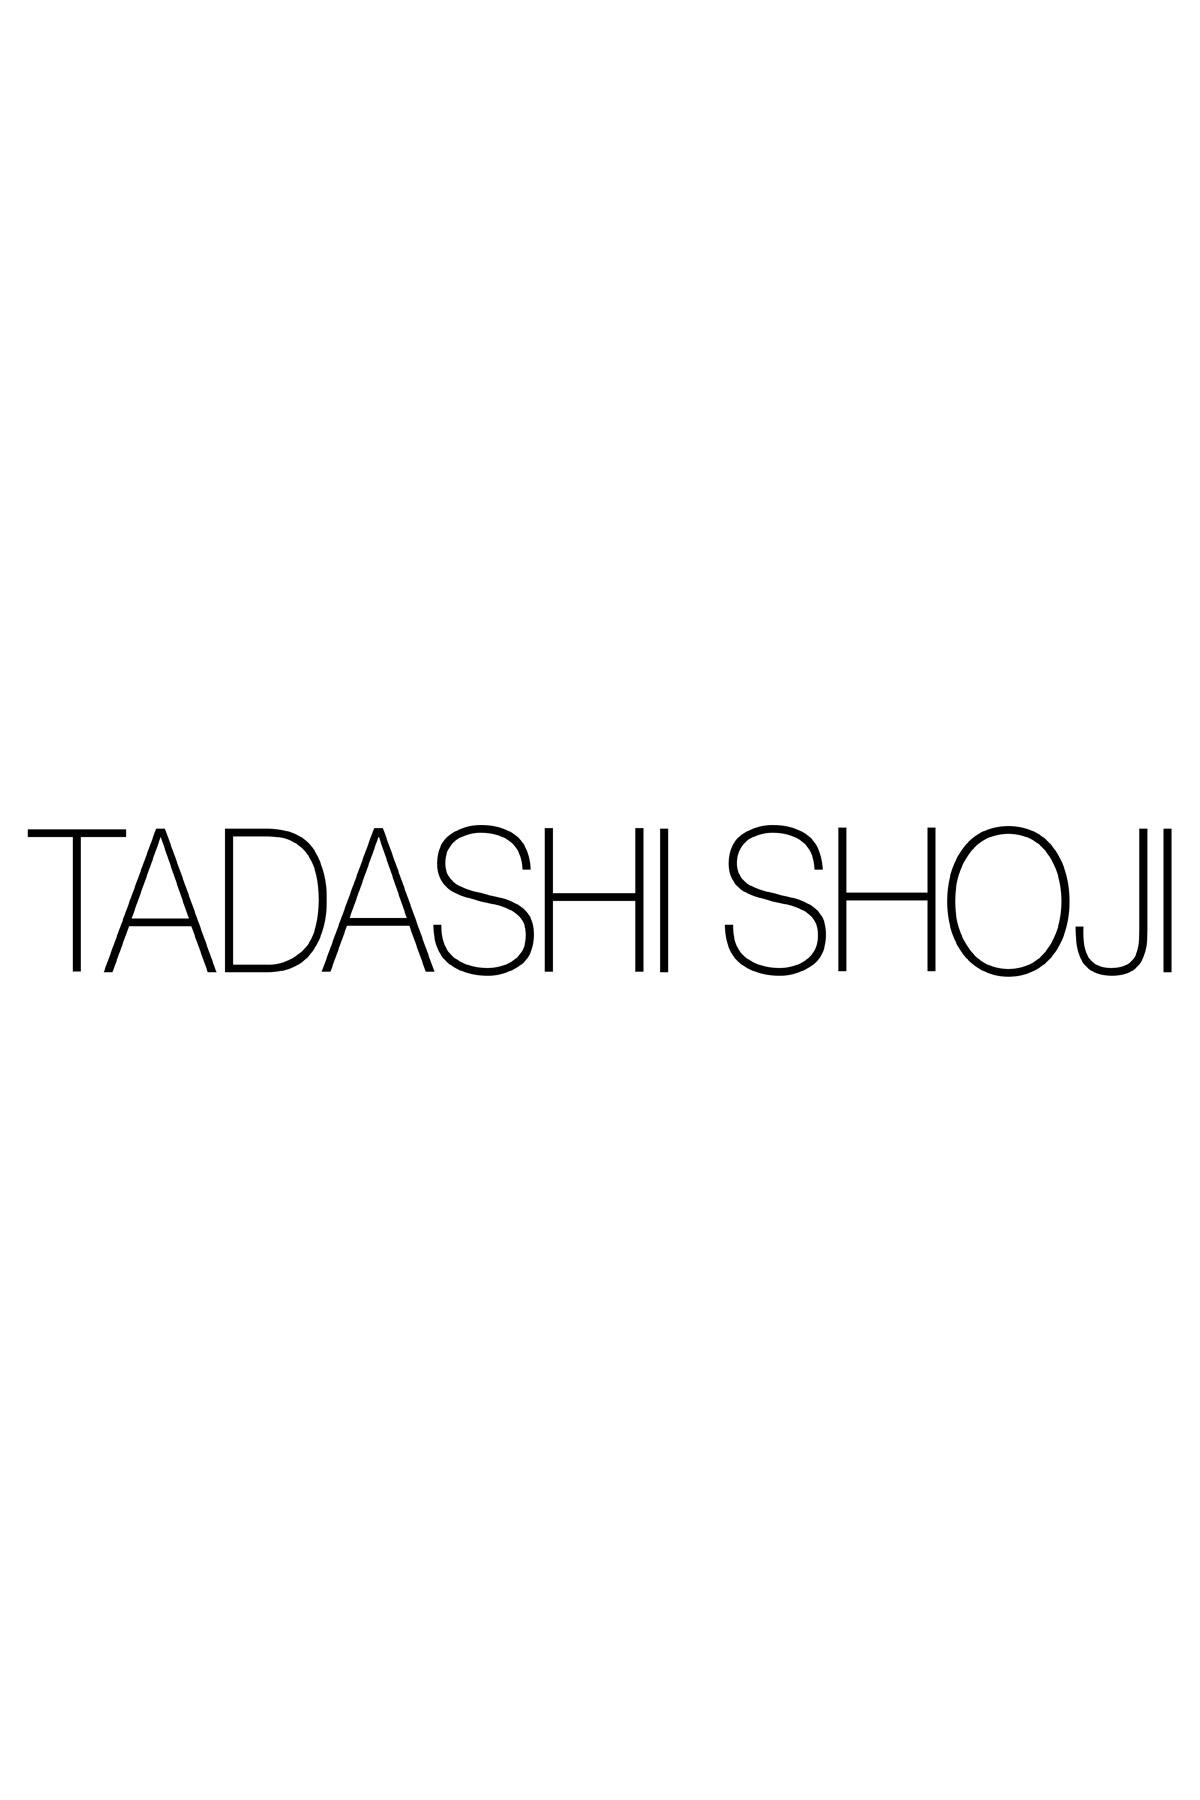 Tadashi Shoji - Embroidered 3D Blossom-Motif Clutch